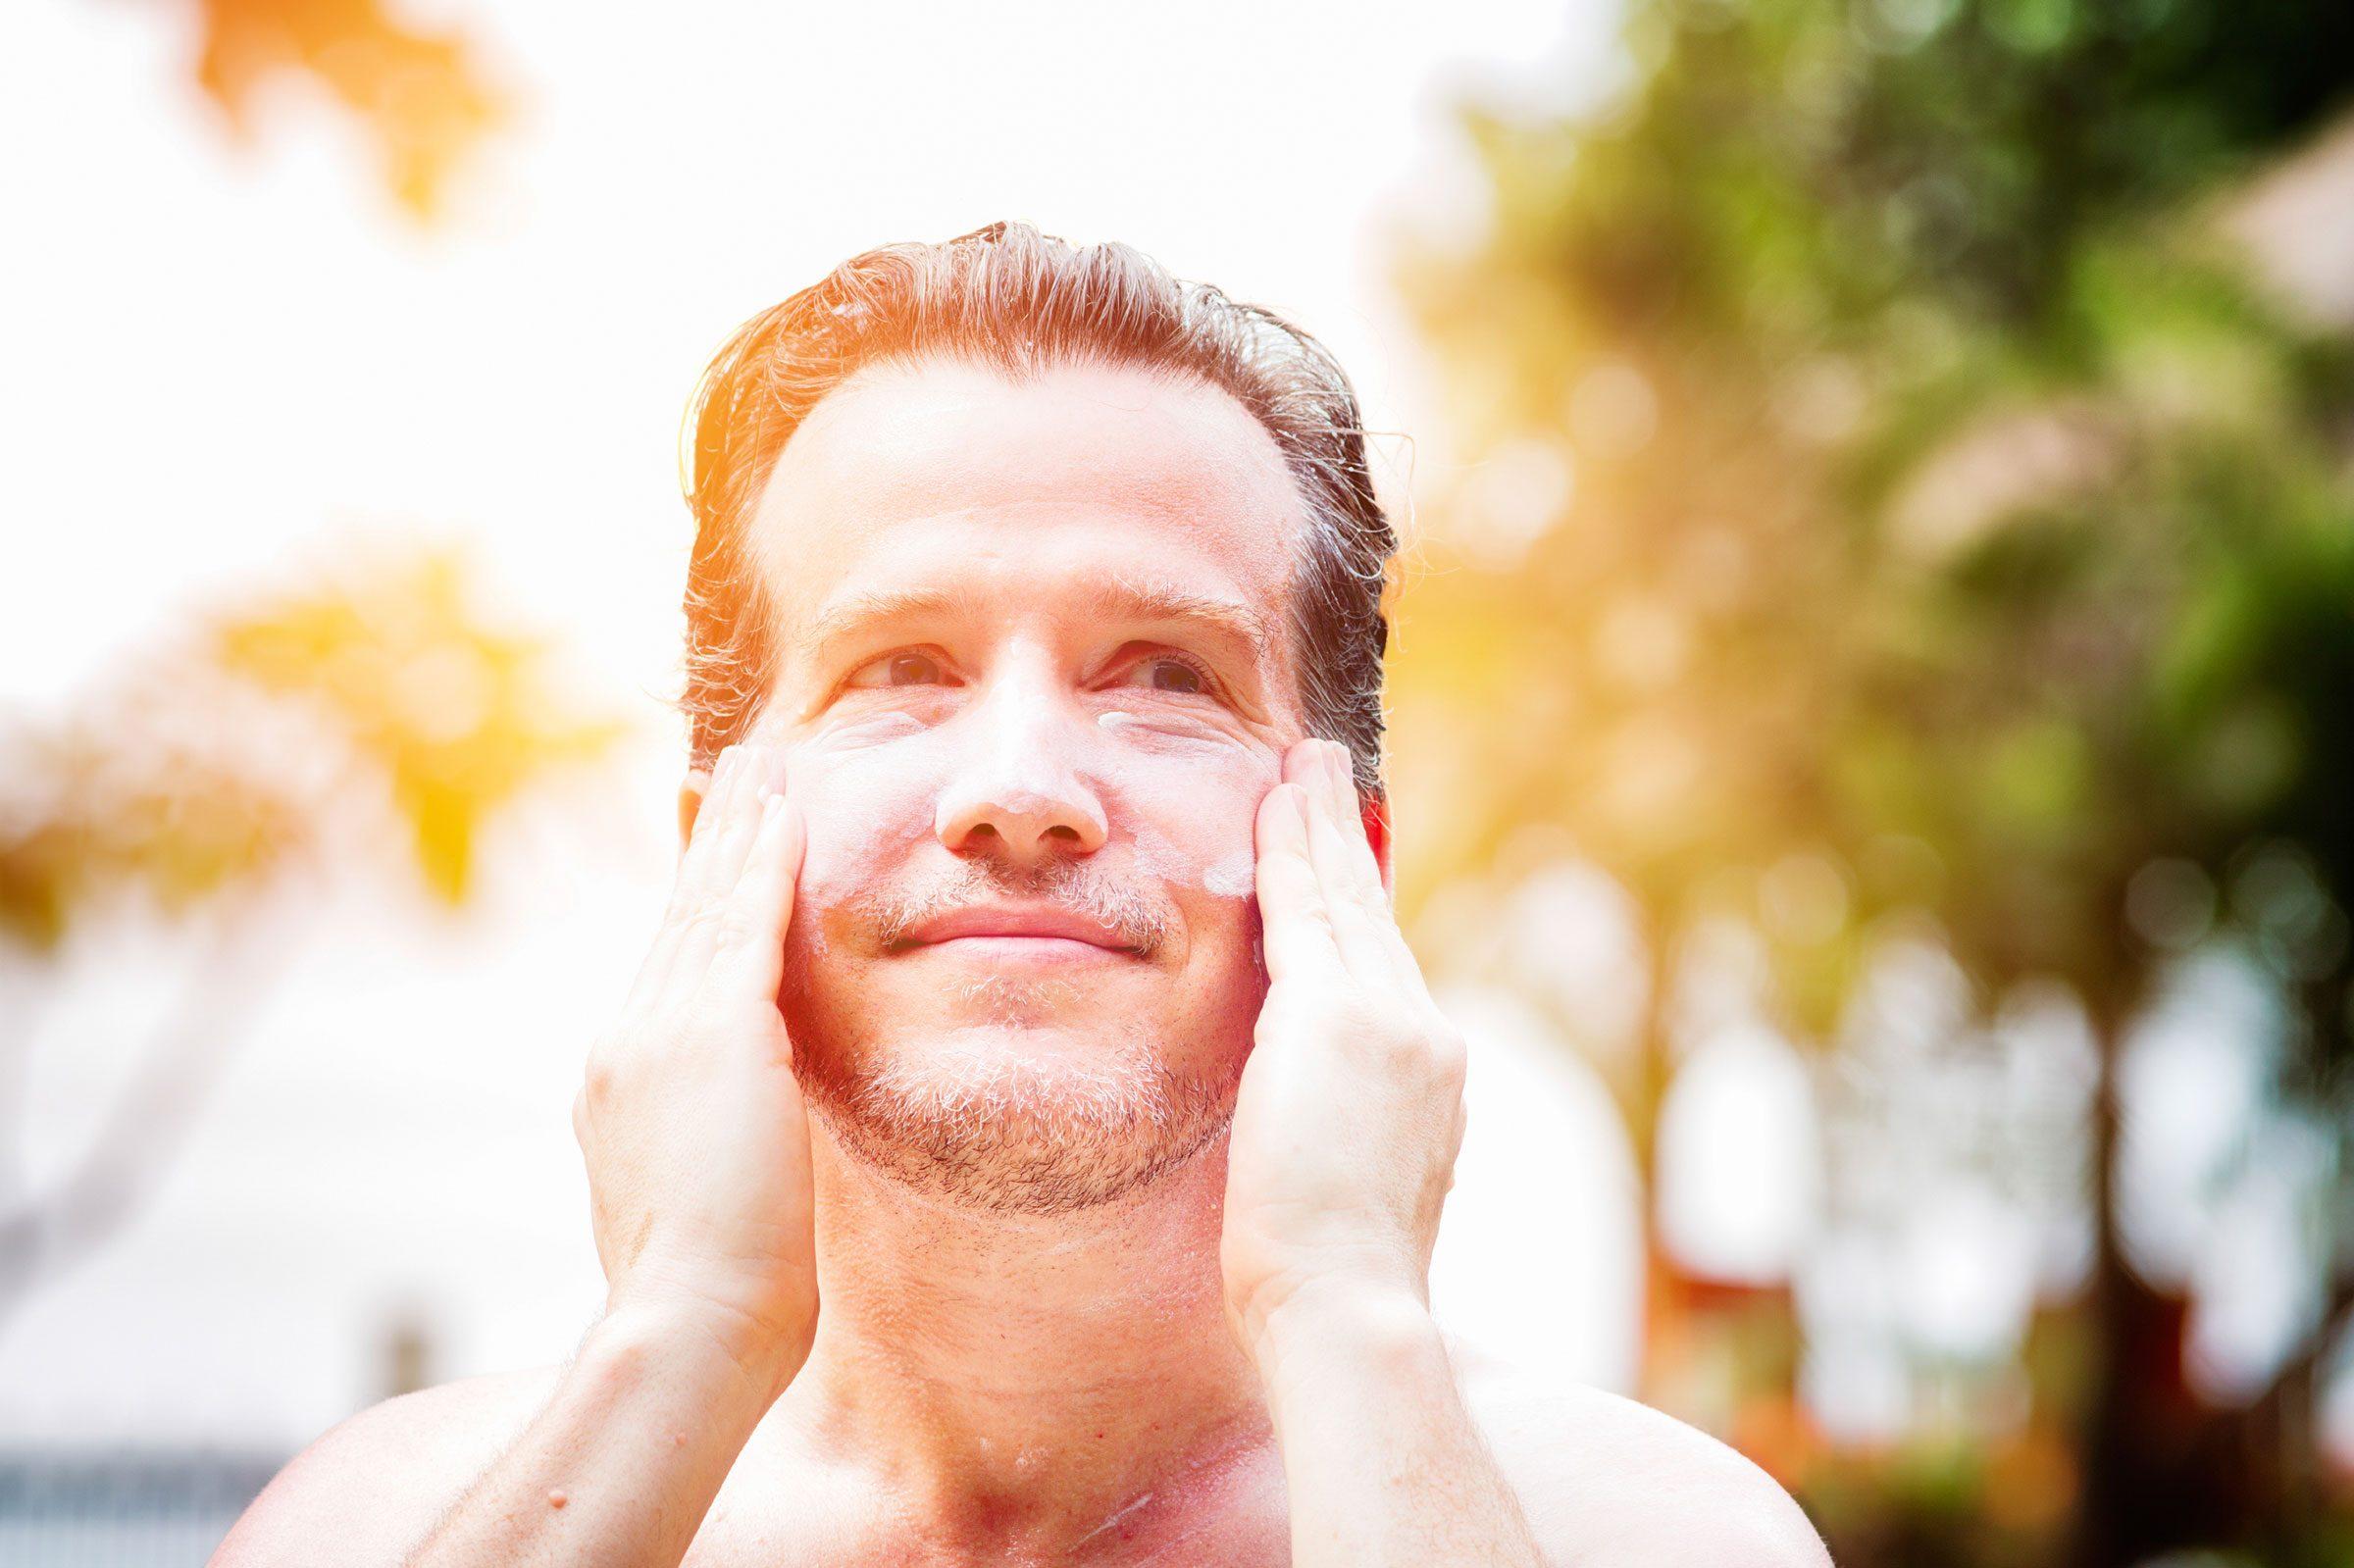 Utilisez de la crème solaire avec un FPS supérieur à 30 pour avoir une belle peau.